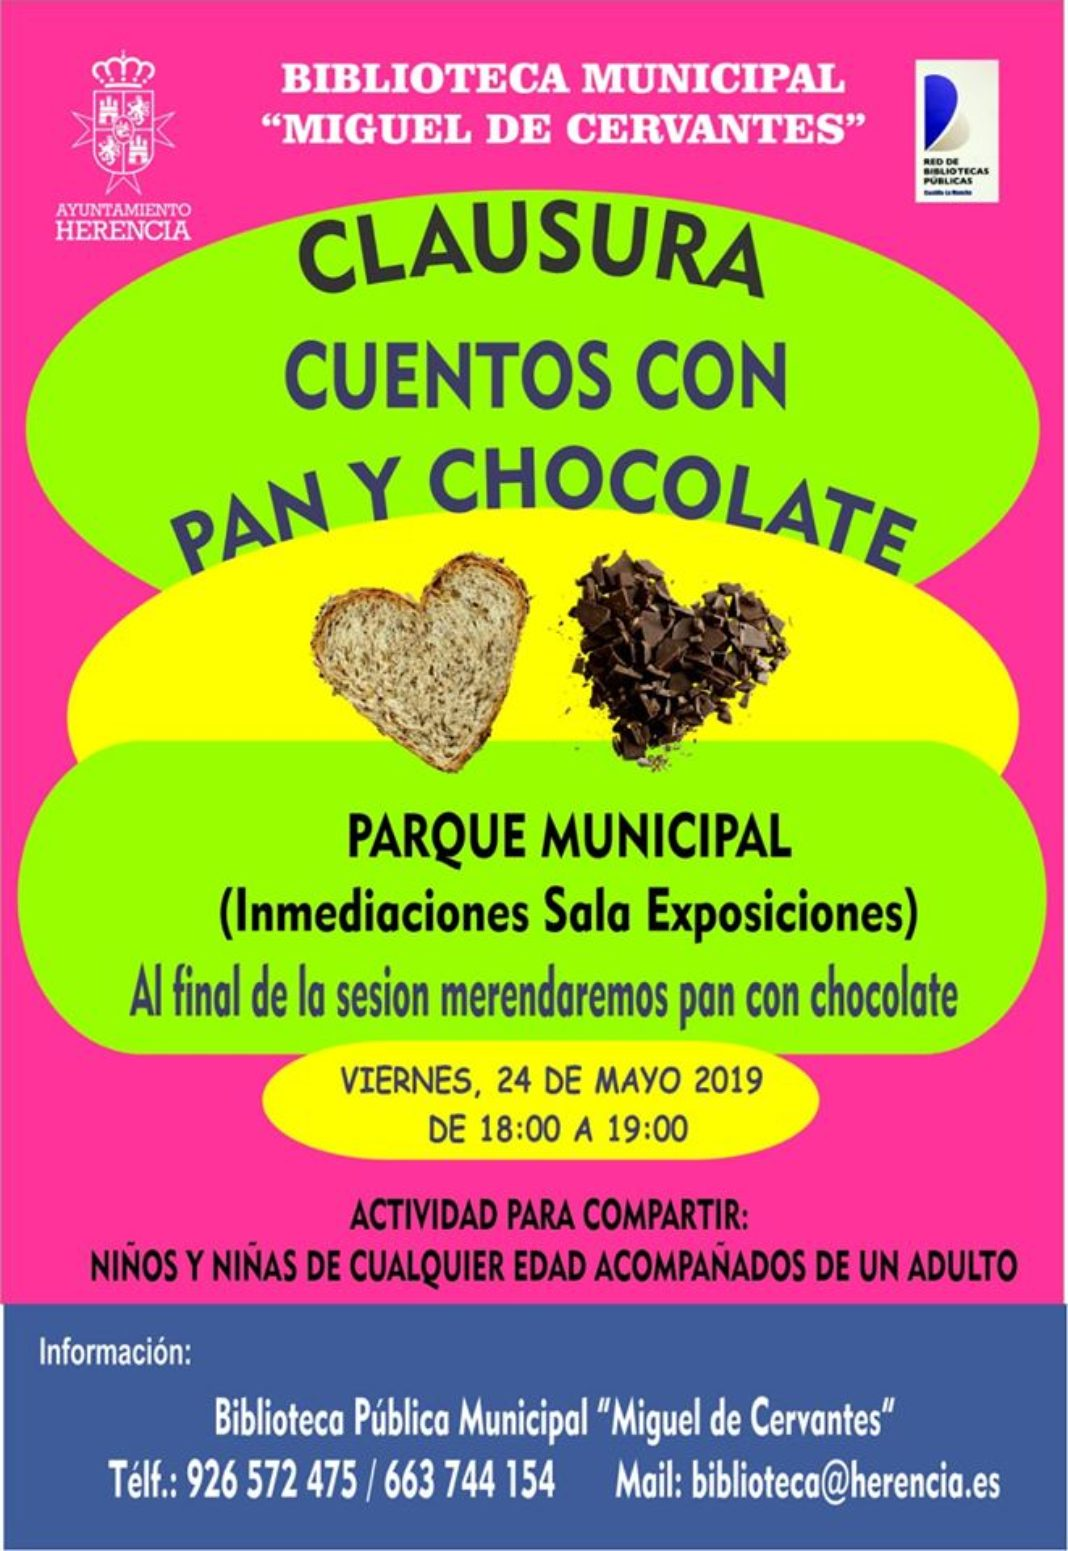 Cuentos con pan y chocolate 1068x1551 - La biblioteca clausura una nueva temporada de Cuentos con Pan y Chocolate en el parque